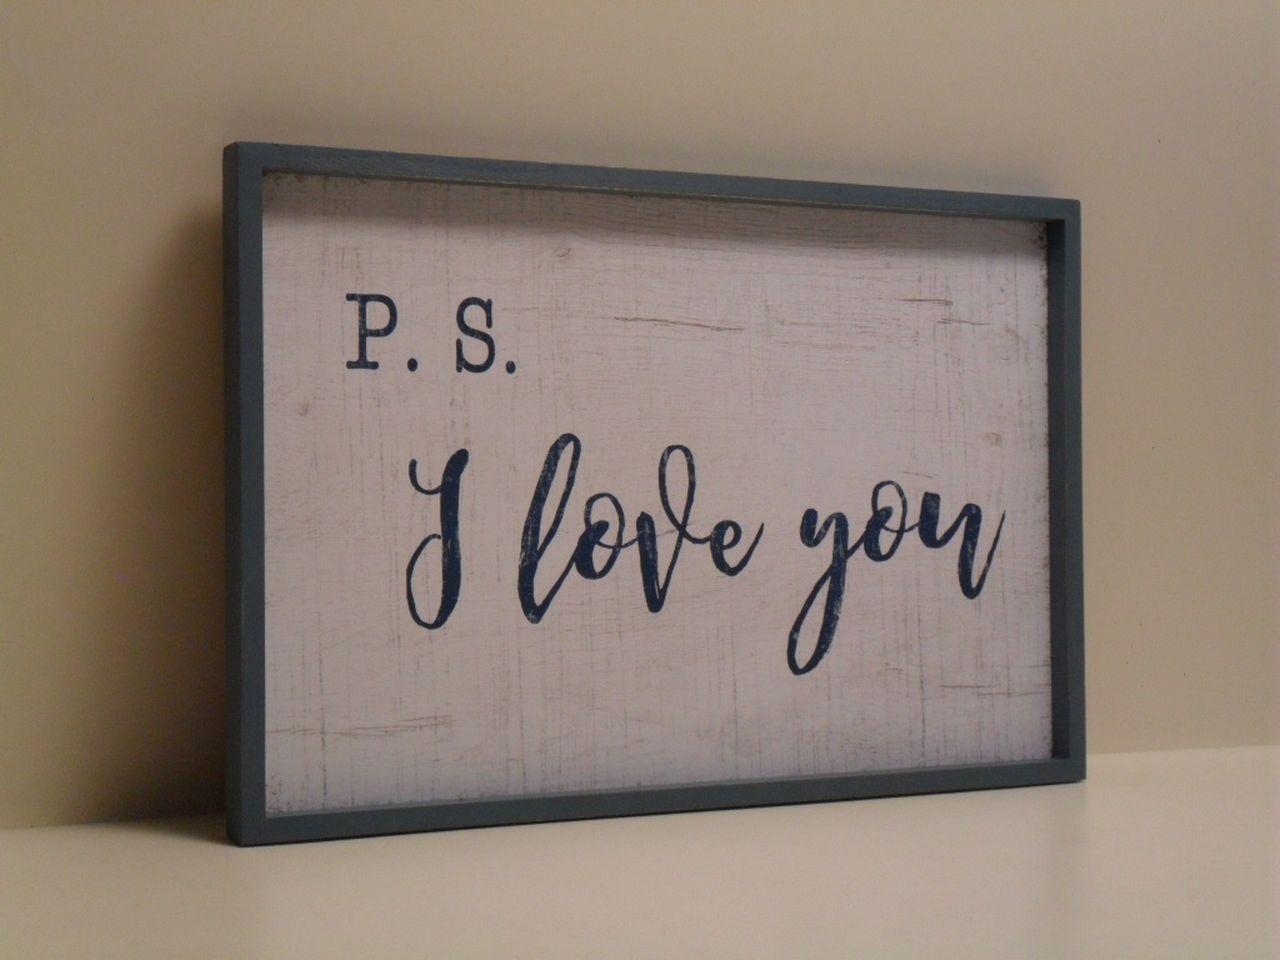 Pannello decorativo in legno bianco e blu i love you con cornice